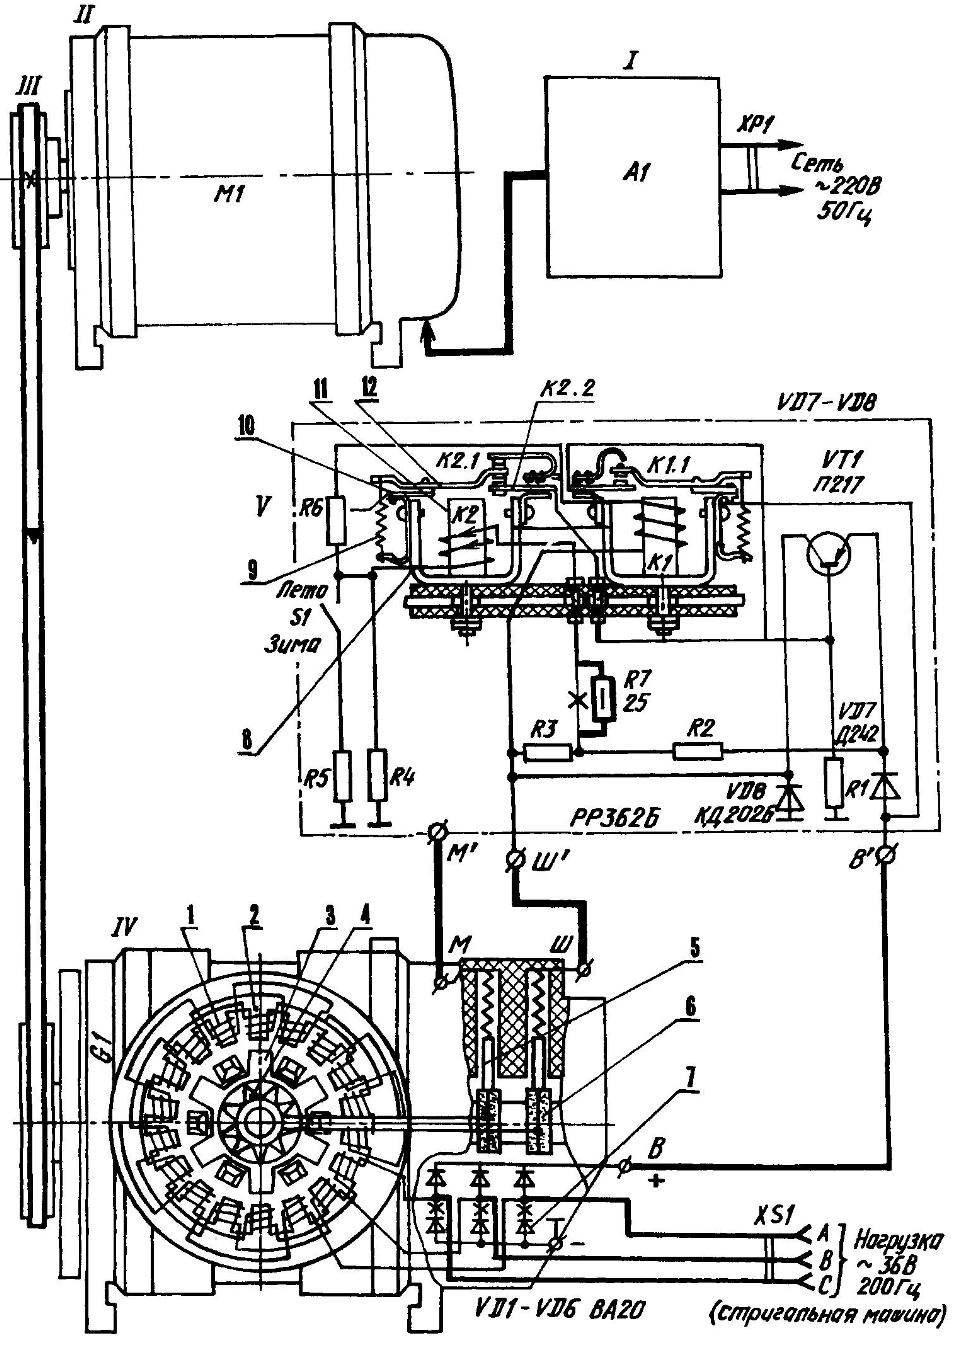 Кинематика и электромонтажная схема преобразователя энергии для питания трехфазного электродвигателя стригальной машинки или иных устройств (200 Гц, 36 В, 100 Вт, 12 ООО об/мин) от бытовой однофазной сети